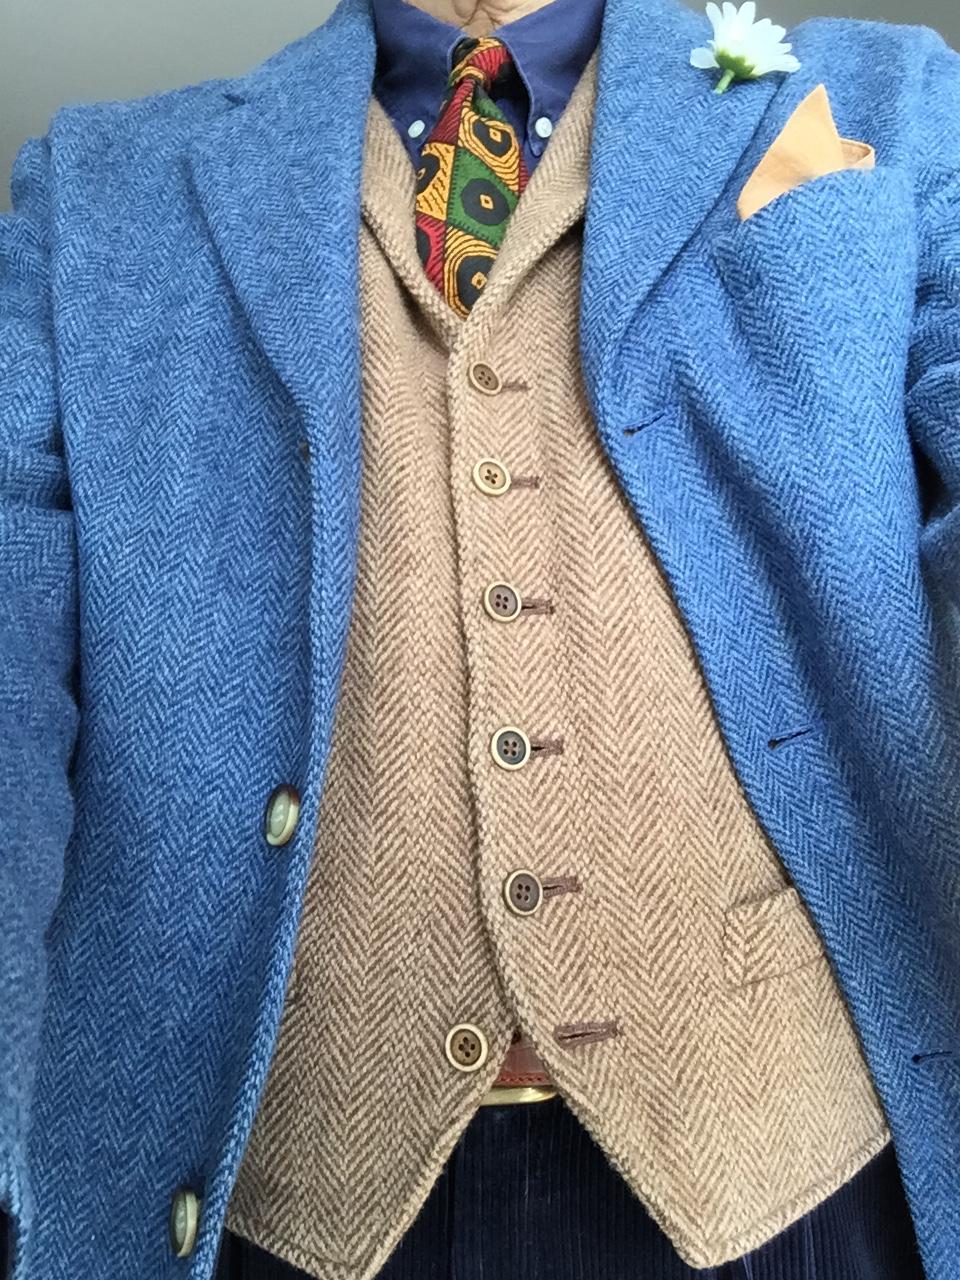 Det är tradition att nedersta knappen i västen inte ska vara knäppt. Men bältet får inte synas.